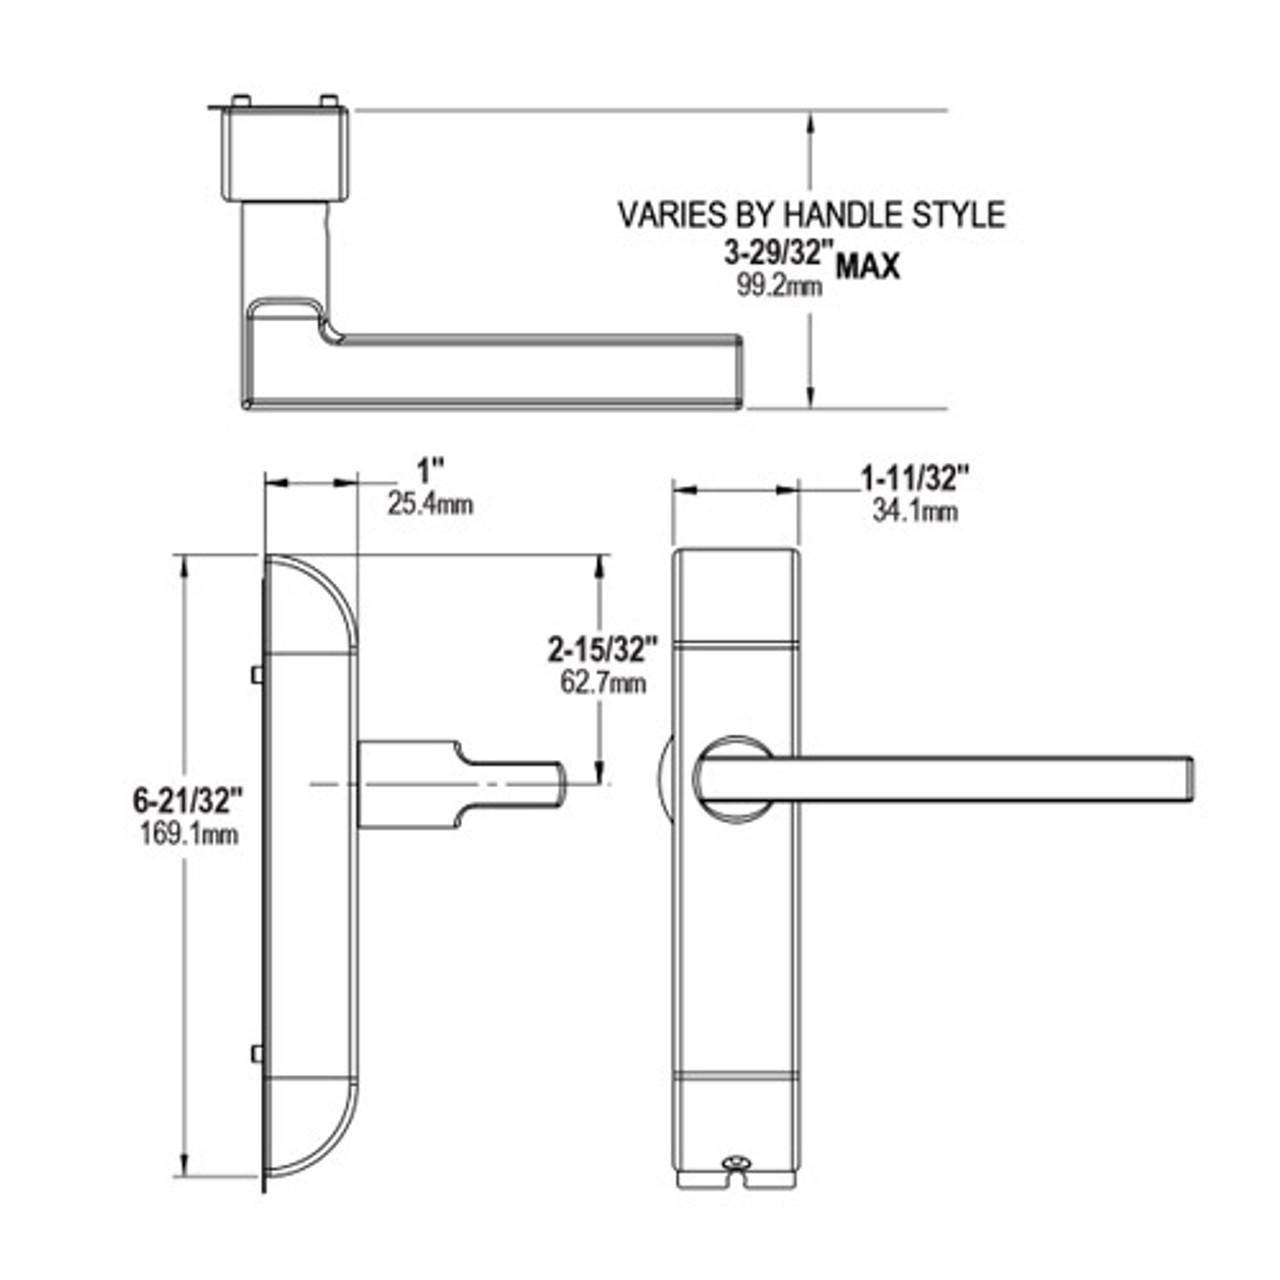 4600M-MJ-611-US10B Adams Rite MJ Designer handle Dimensional View